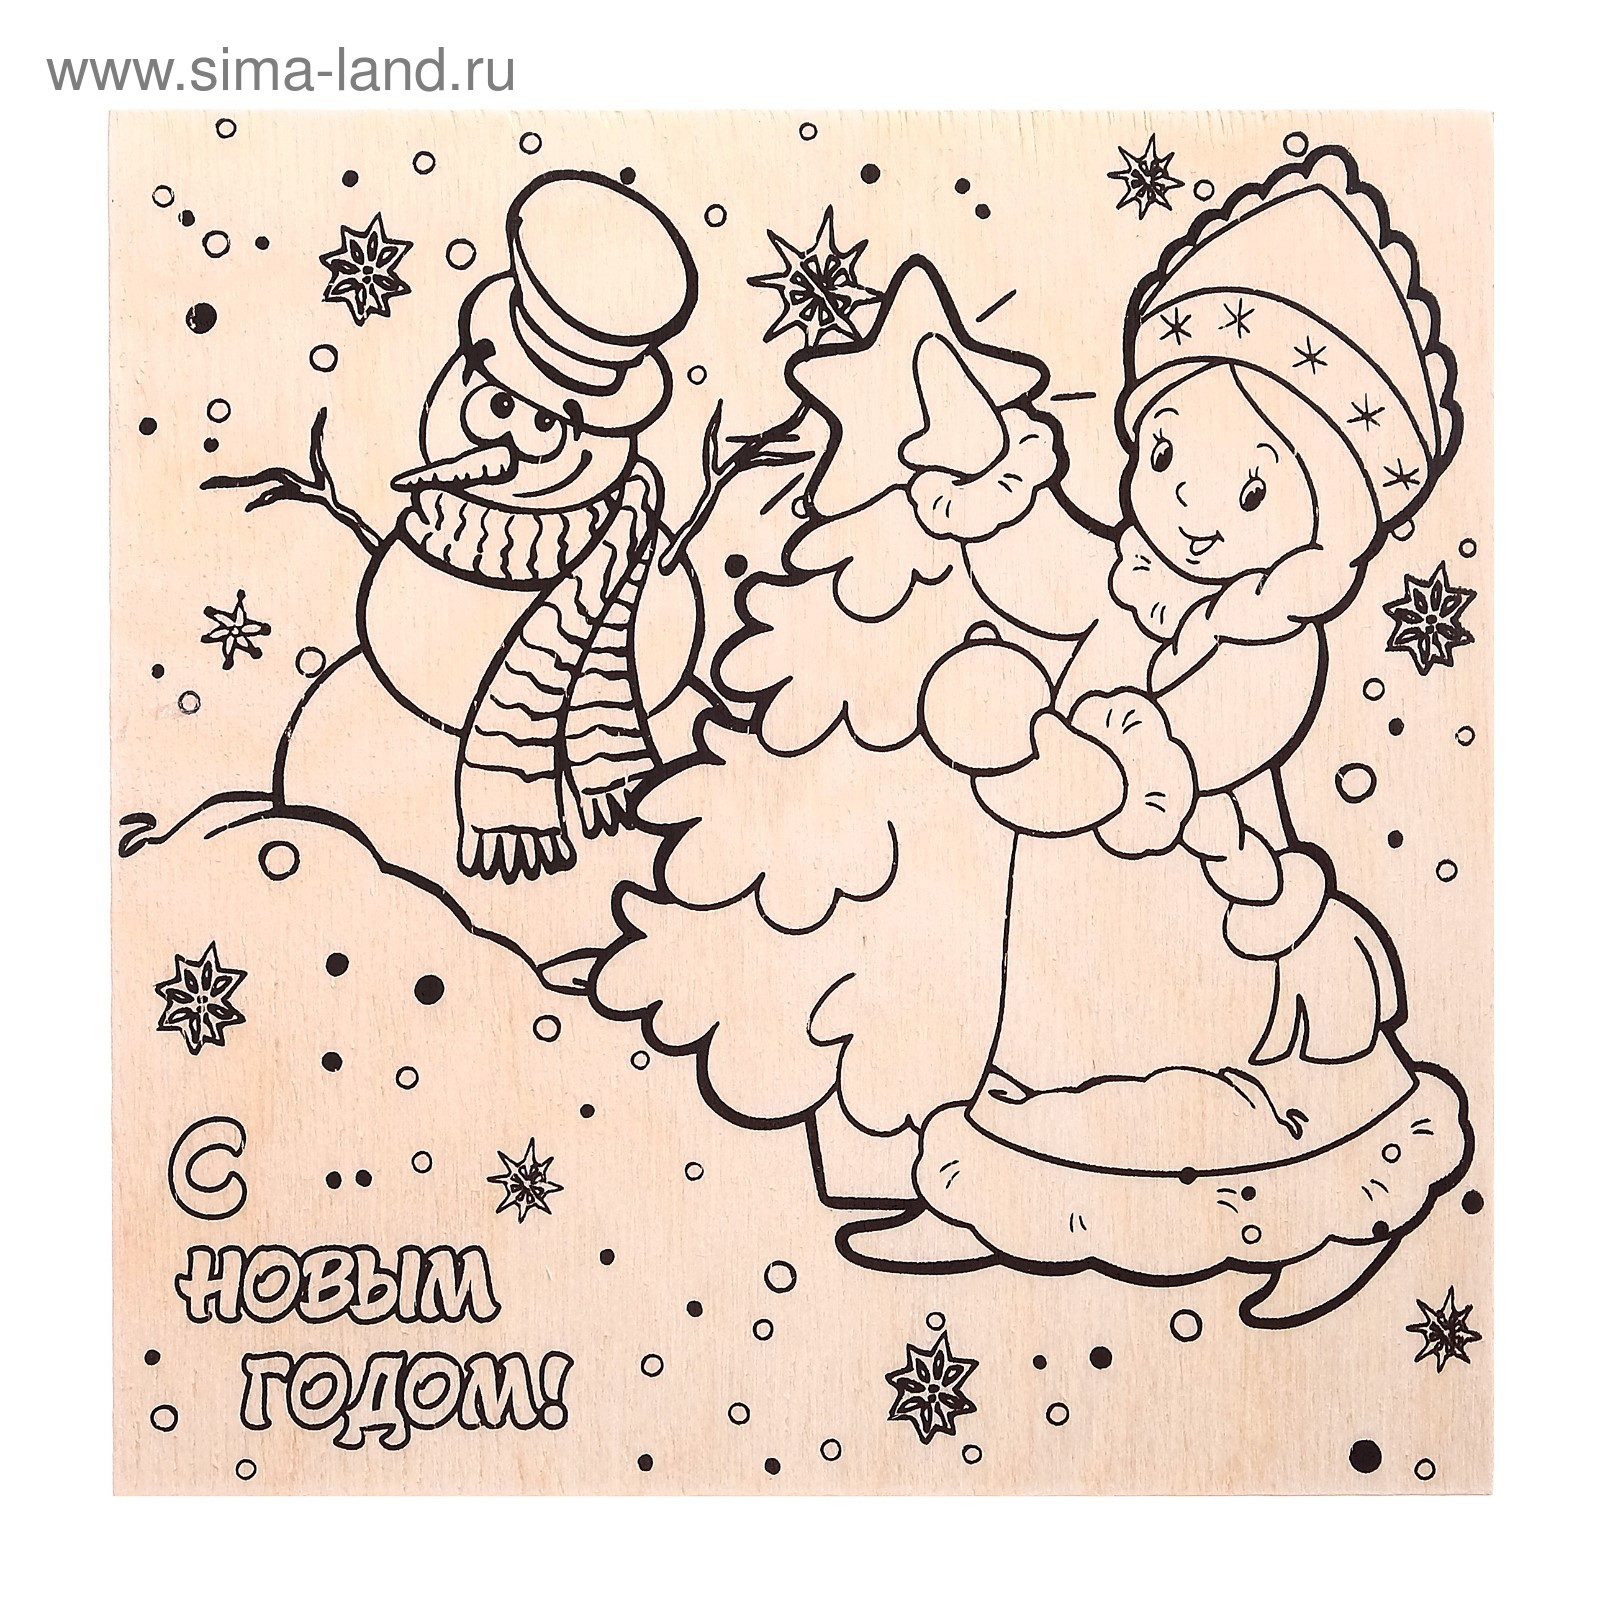 время рождественские открытки картинки для выжигания простоват, конечно, зато